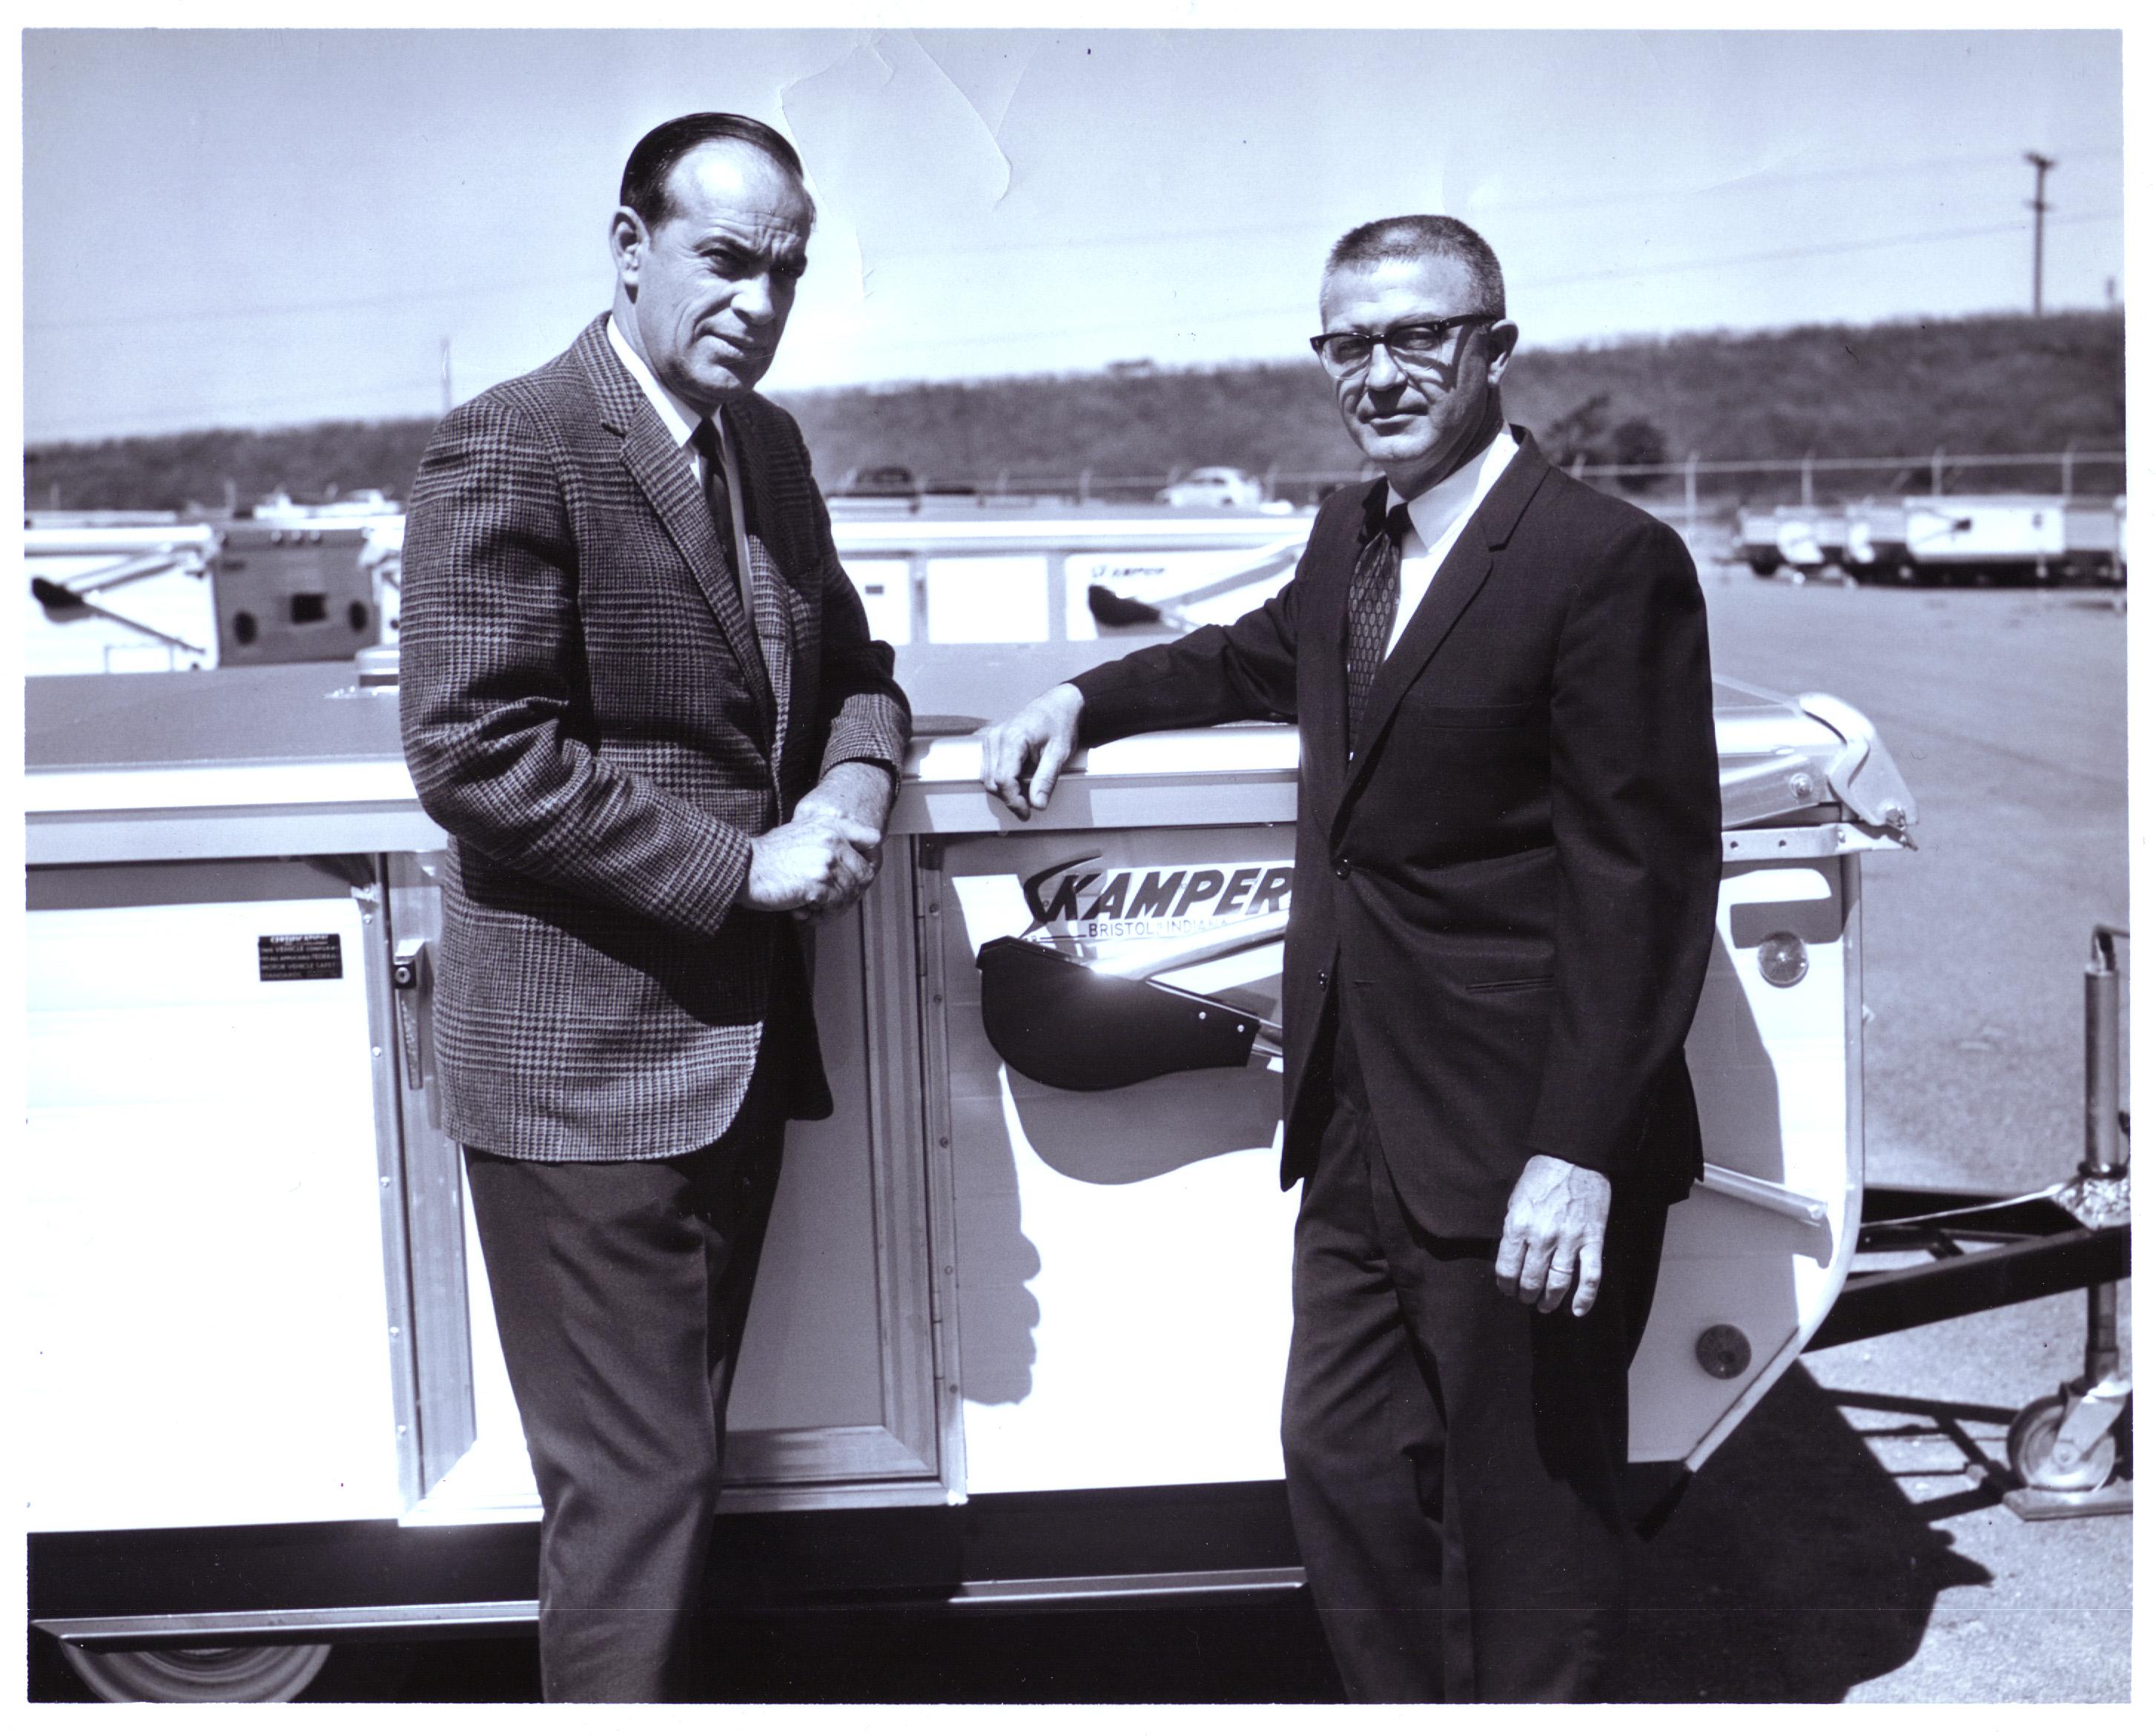 Joe in his later civilian years, selling Skampers to Yankees.